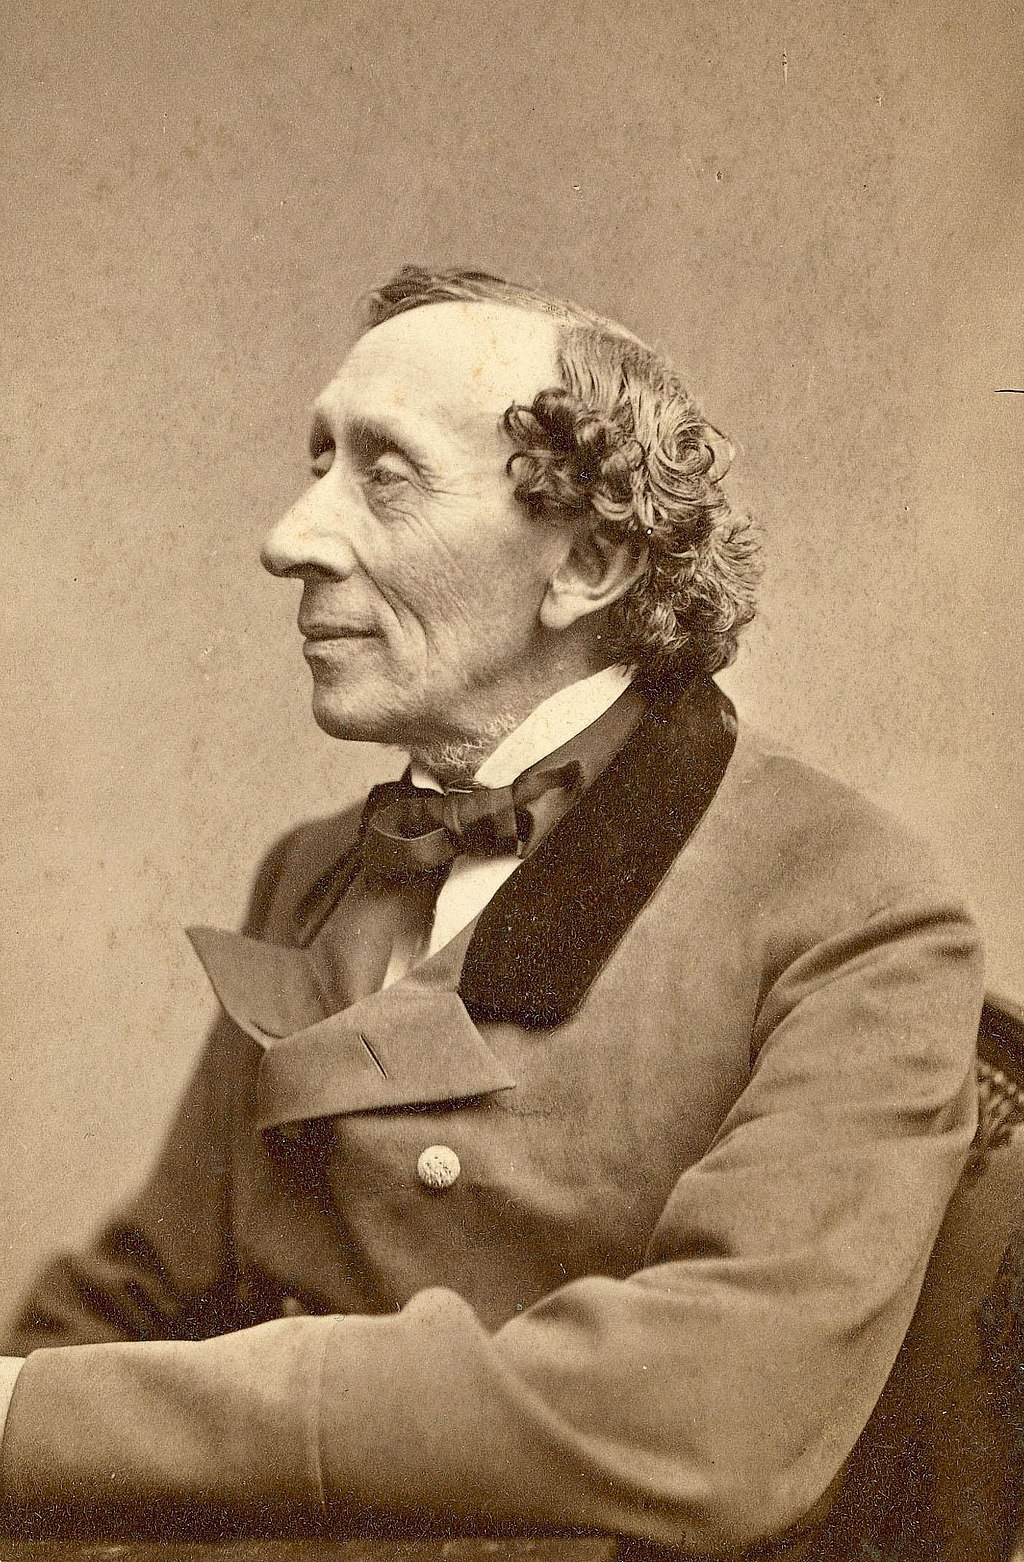 H. C. Andersen 1869